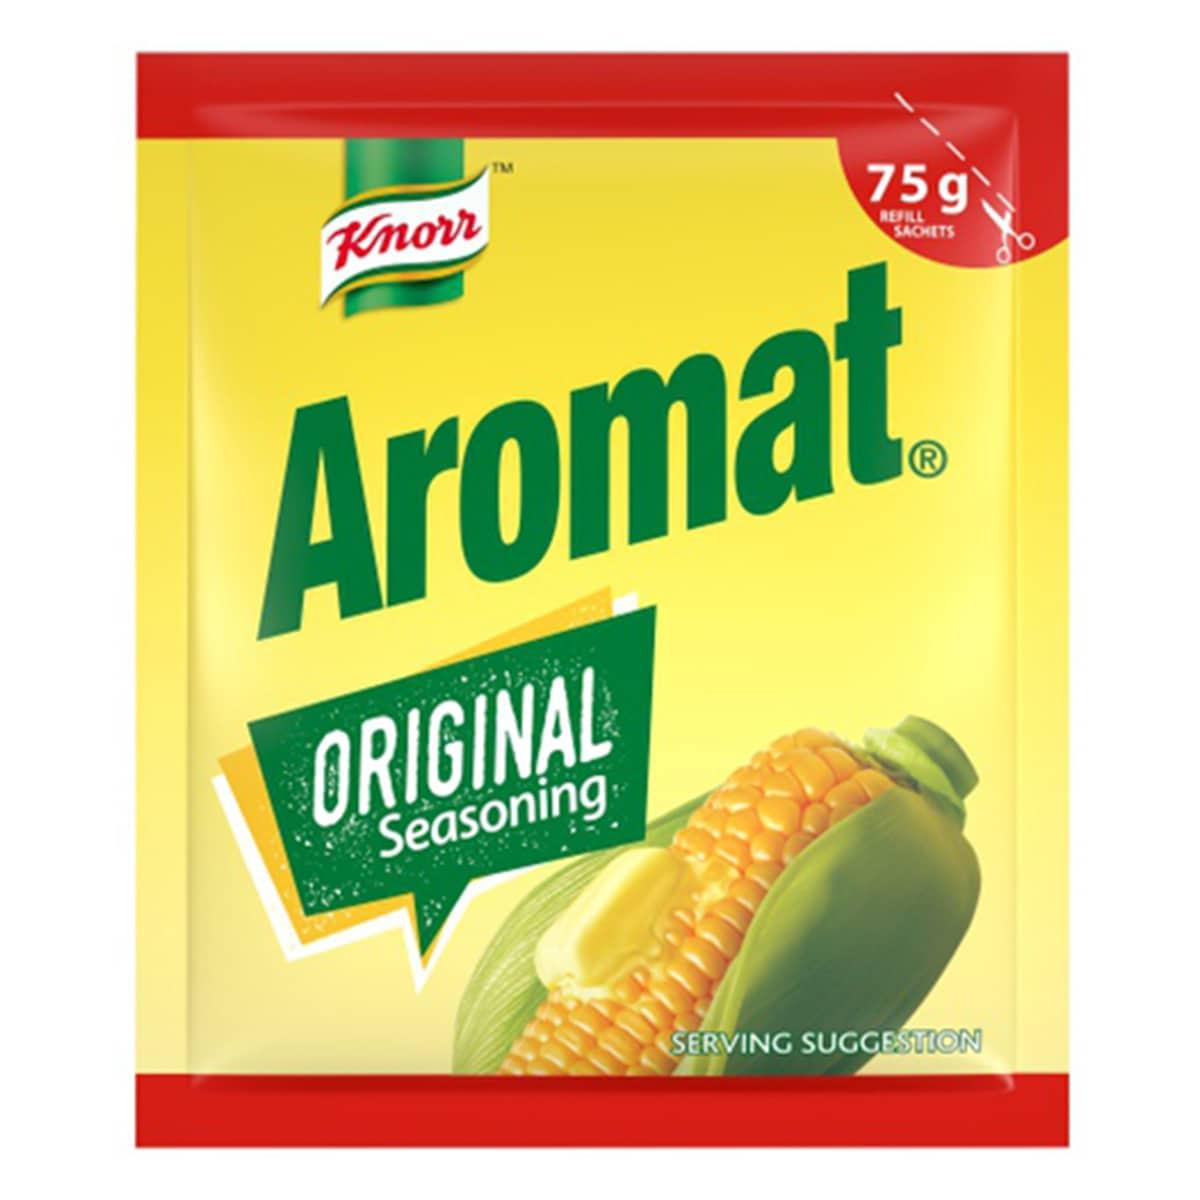 Buy Knorr Aromat Original Seasoning (Refill) - 75 gm